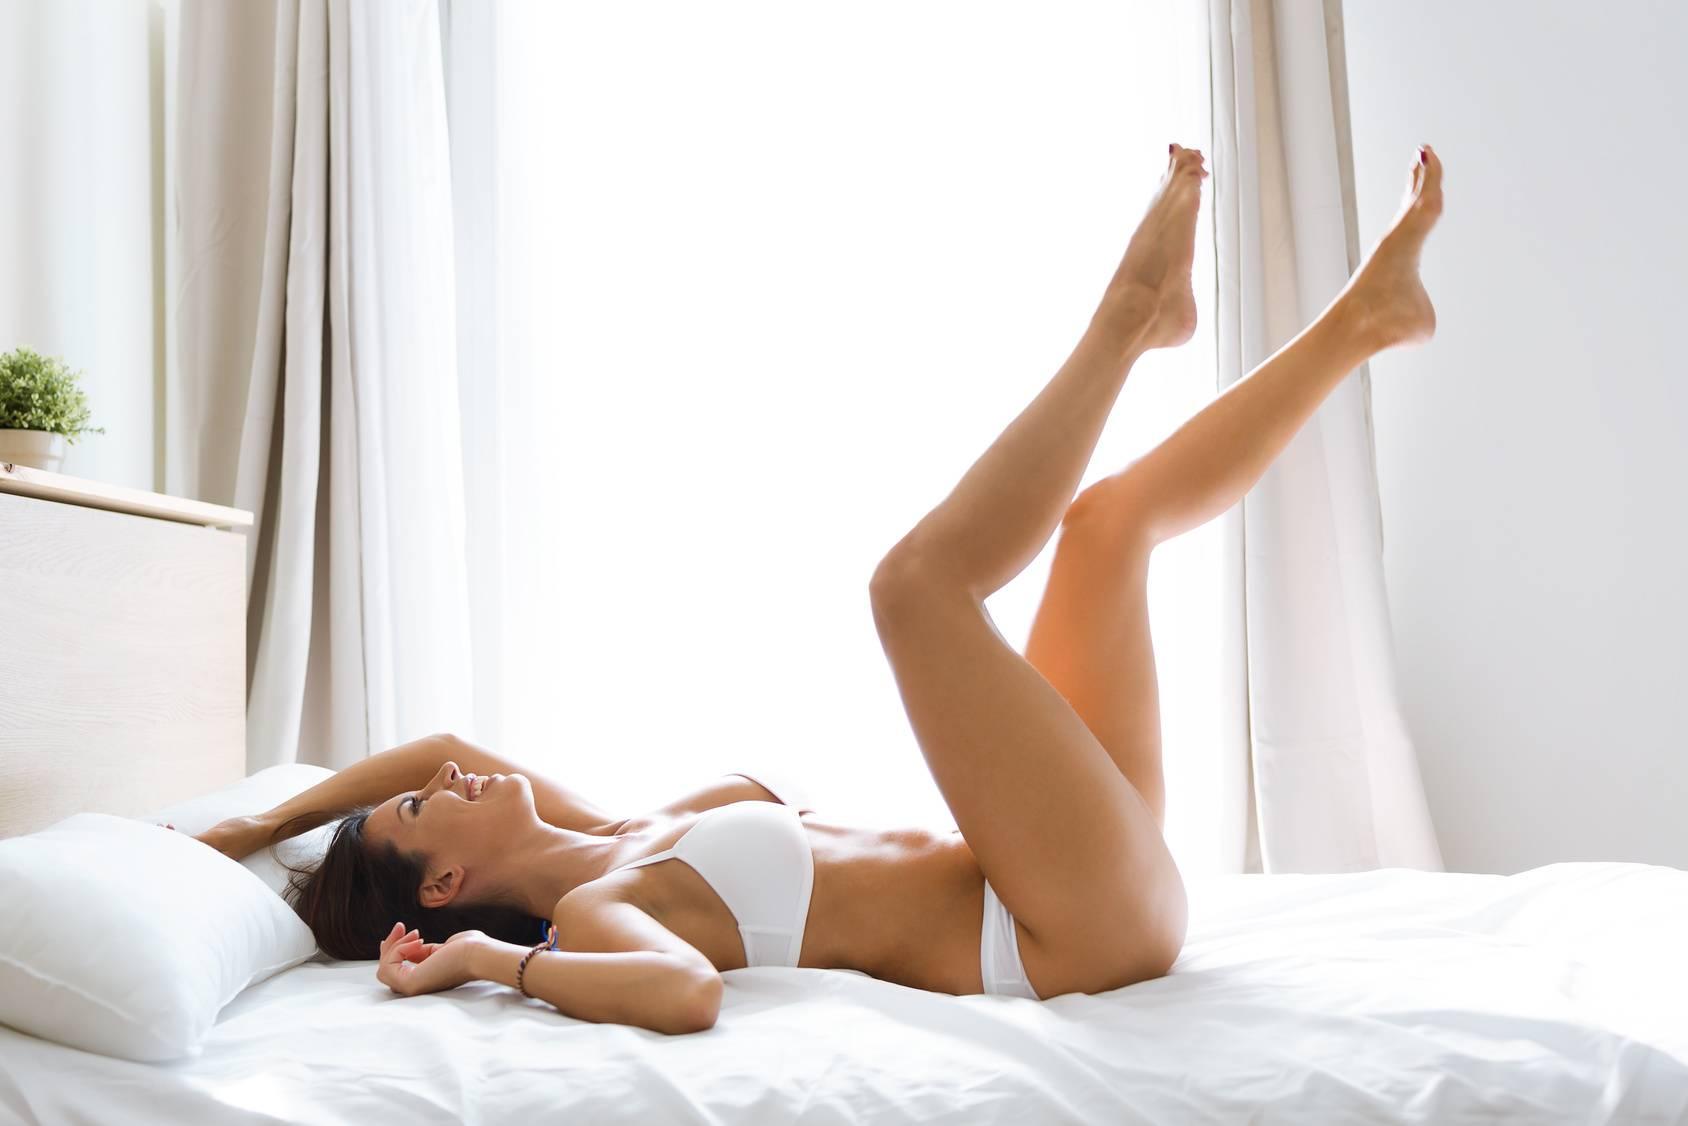 Opuchnięte nogi - jak z nimi walczyć? Młoda uśmiechnięta kobieta w białej bieliźnie leży na łóżku z uniesionymi nogami.